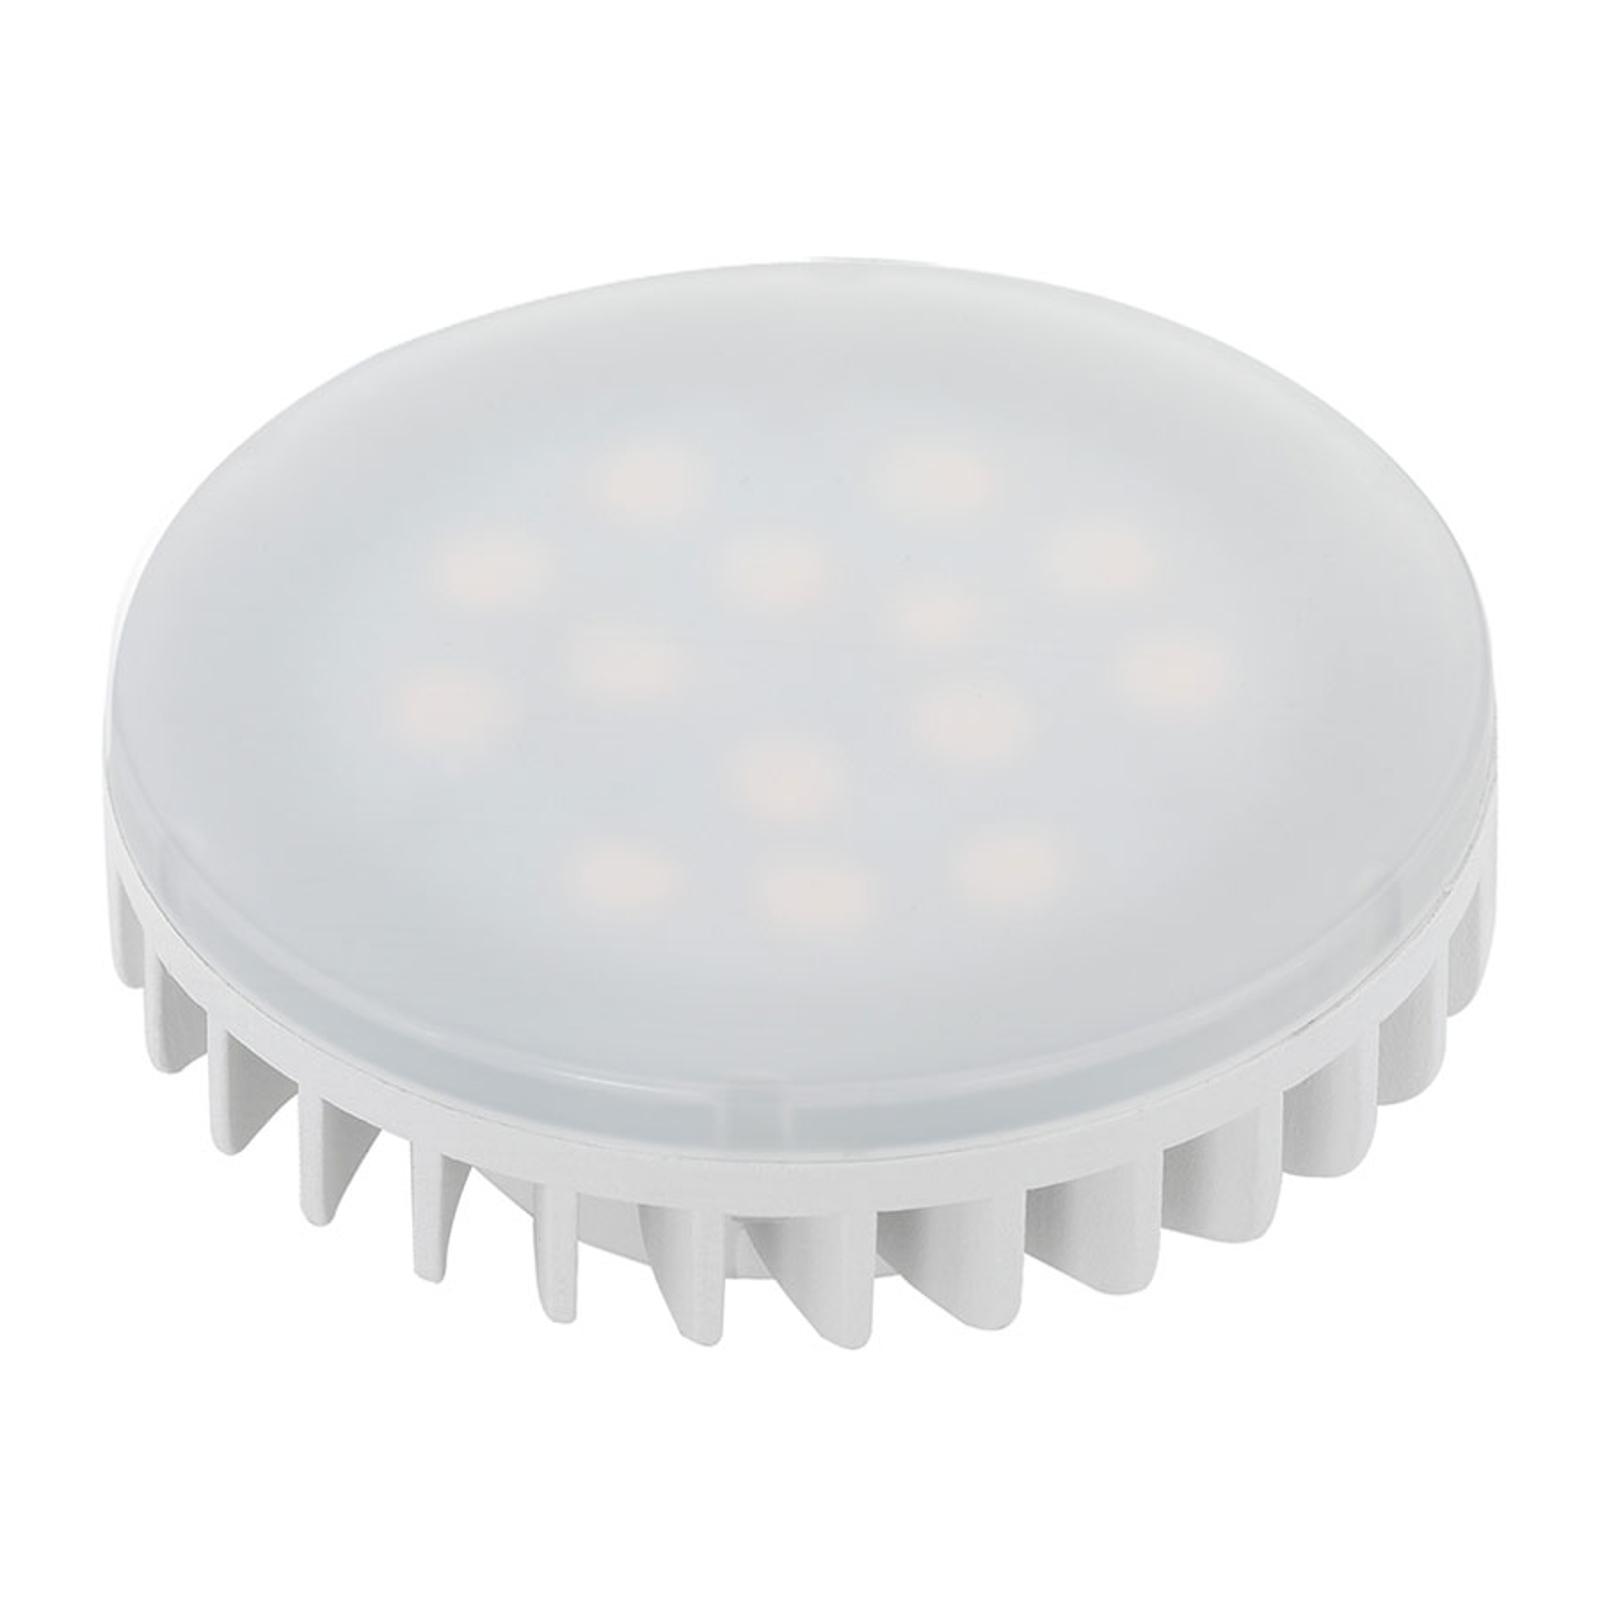 LED-Lampe GX53 6W, warmweiß, matt